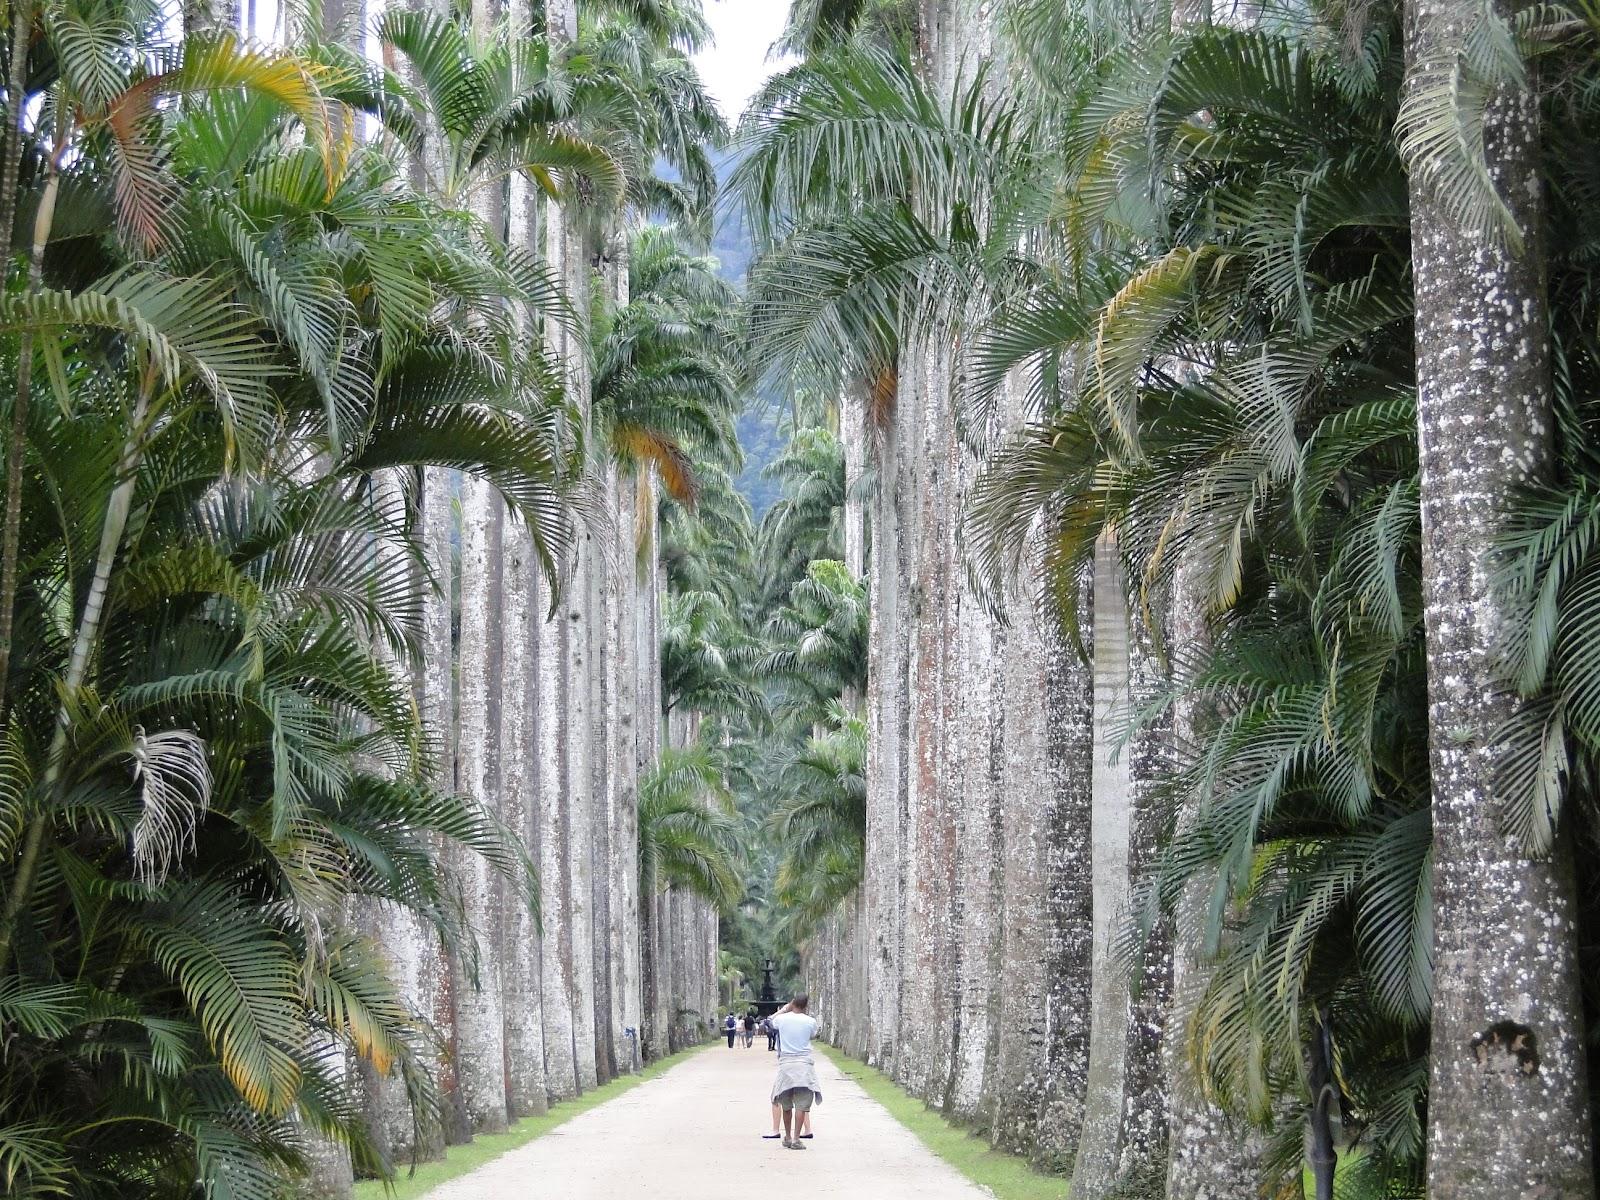 fotos jardim botanico do rio de janeiro: imperiais o Jardim Botânico tem cerca de 200 espécies de palmeiras